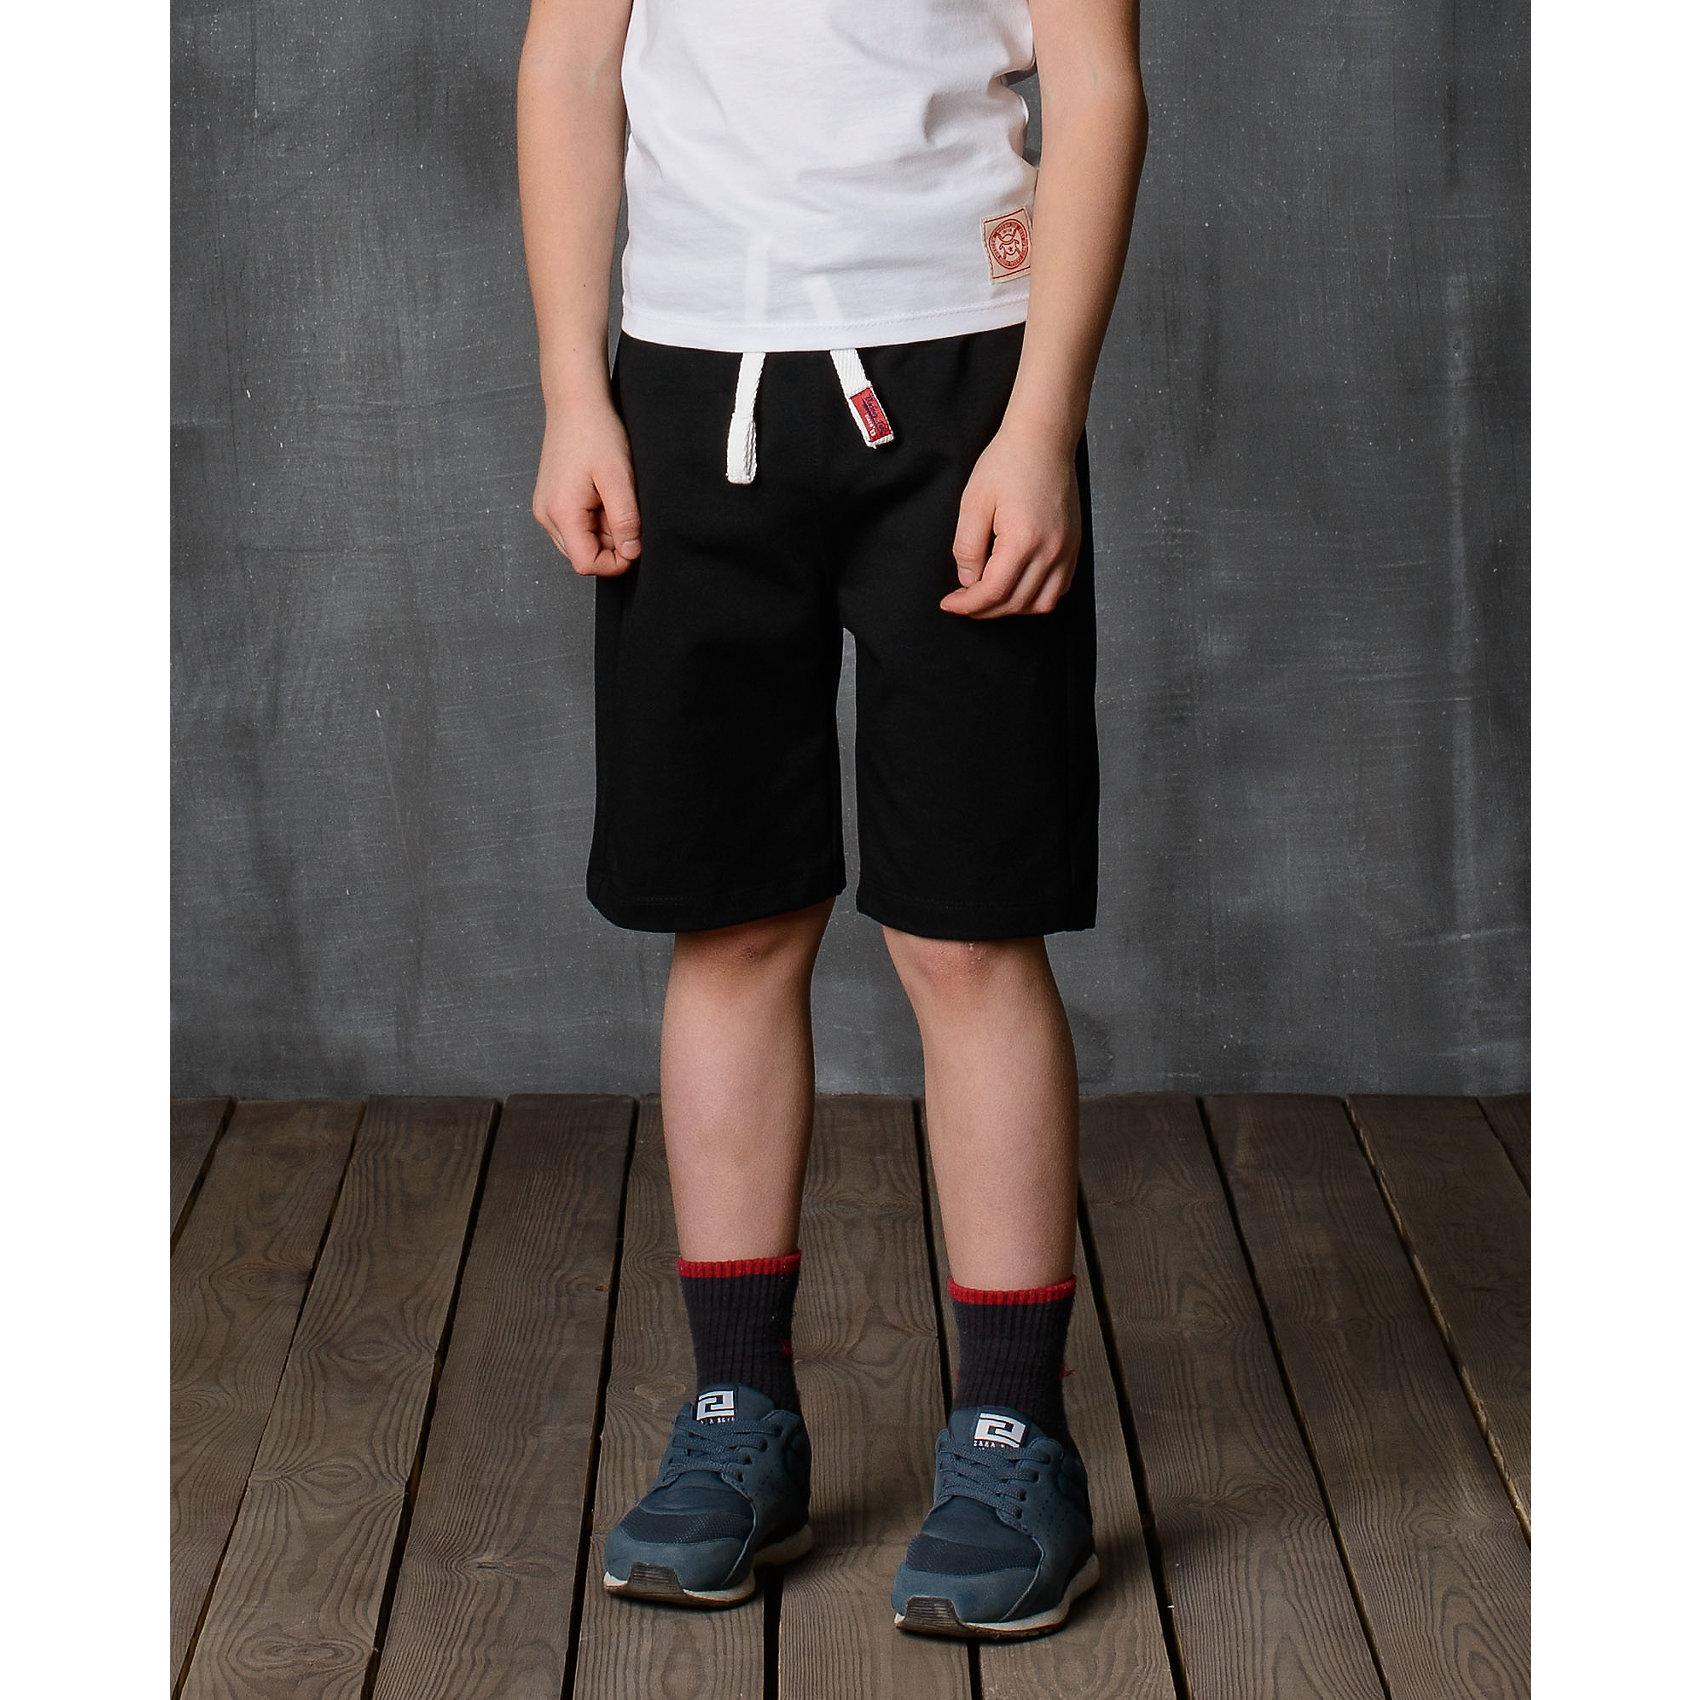 Шорты для мальчика Modniy JukШорты, бриджи, капри<br>Удобные спортивные шорты из тонкого высококачественного трикотажа с добавлением эластана. Задний накладной карман. Комфортный мягкий пояс и манжеты из трикотажной резинки. Яркая нашивка в стиле Modniy Juk. Полуприлегающий силуэт.<br>Состав:<br>70% хлопок, 30% полиэстер<br><br>Ширина мм: 191<br>Глубина мм: 10<br>Высота мм: 175<br>Вес г: 273<br>Цвет: черный<br>Возраст от месяцев: 156<br>Возраст до месяцев: 168<br>Пол: Мужской<br>Возраст: Детский<br>Размер: 158/164,104/110,110/116,116/122,122/128,128/134,134/140,140/146,146/152,152/158<br>SKU: 5614101